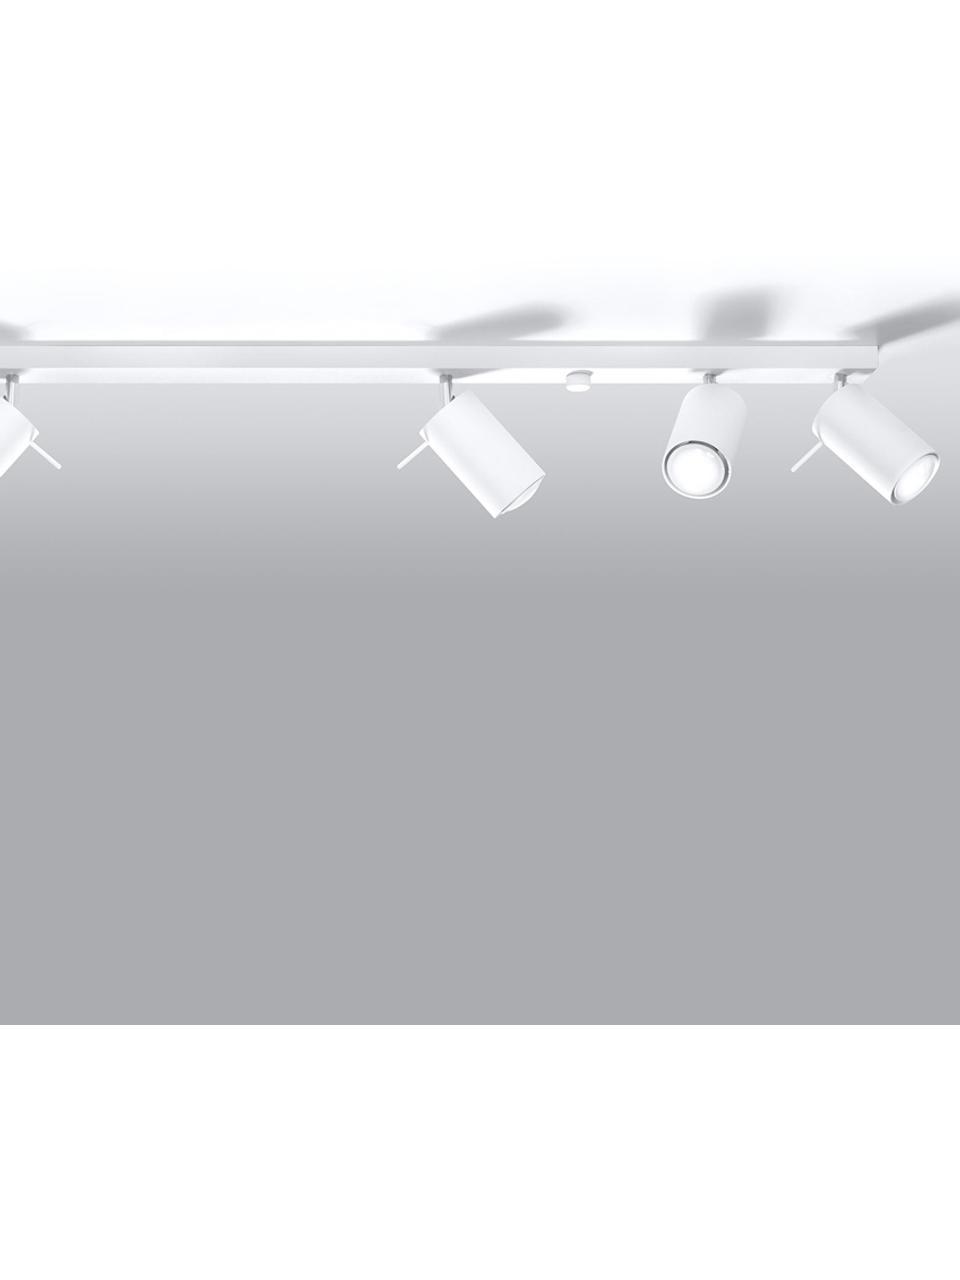 Deckenstrahler Etna in Weiß, Stahl, Weiß, 117 x 16 cm